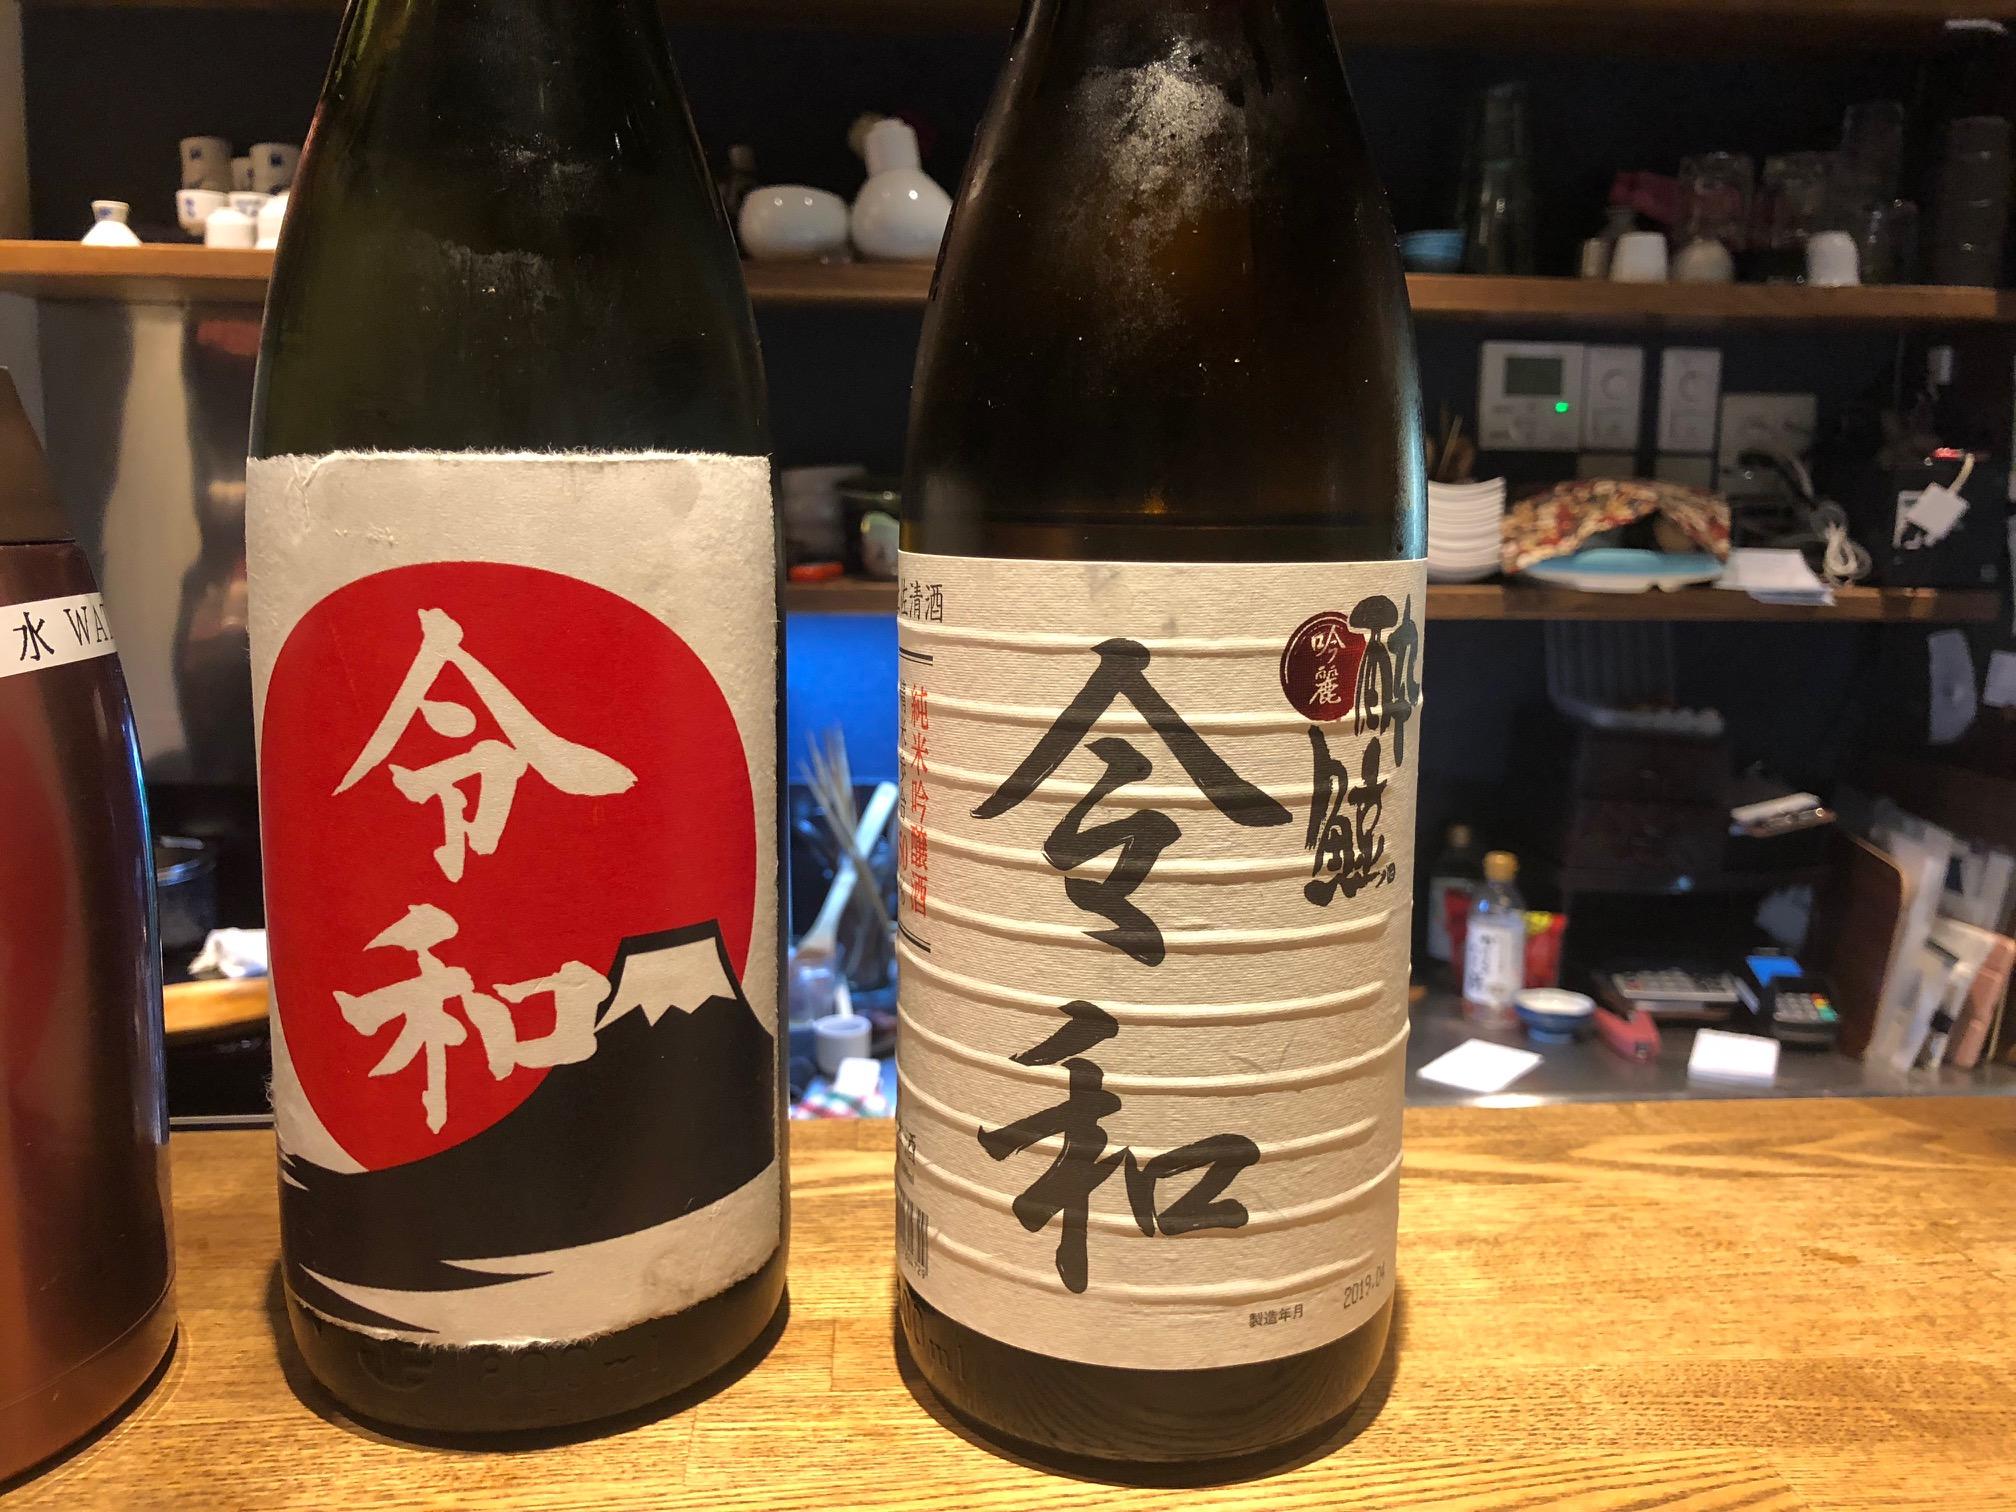 伏見|グルメストリート伏見地下街の立ち飲み居酒屋で種類豊富な日本酒を味わう